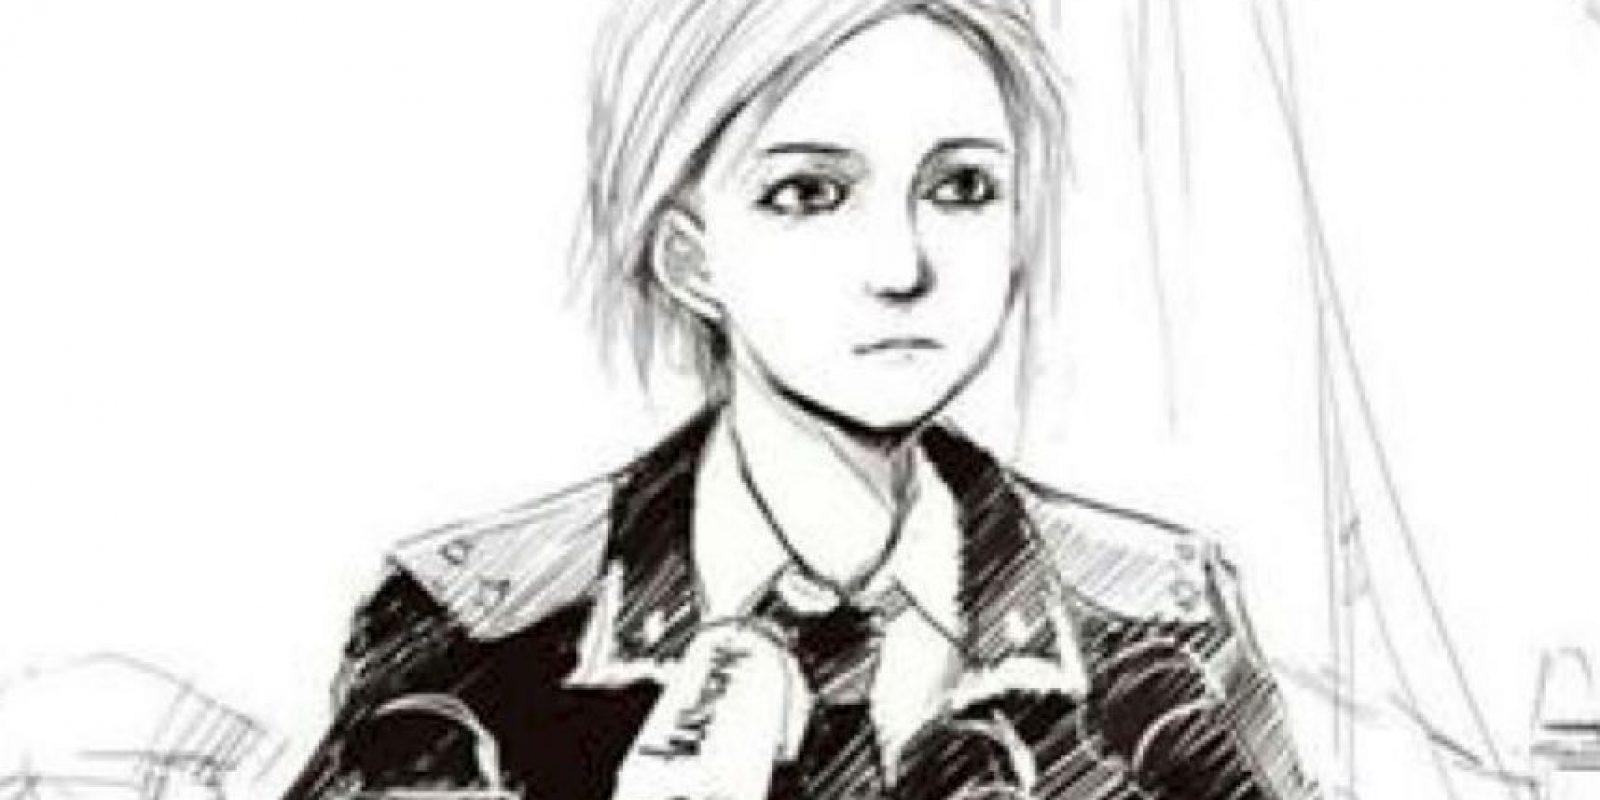 A la Procuradora de Crimea le han hecho retratos al estilo manga, debido a su apariencia física. Foto:Facebook